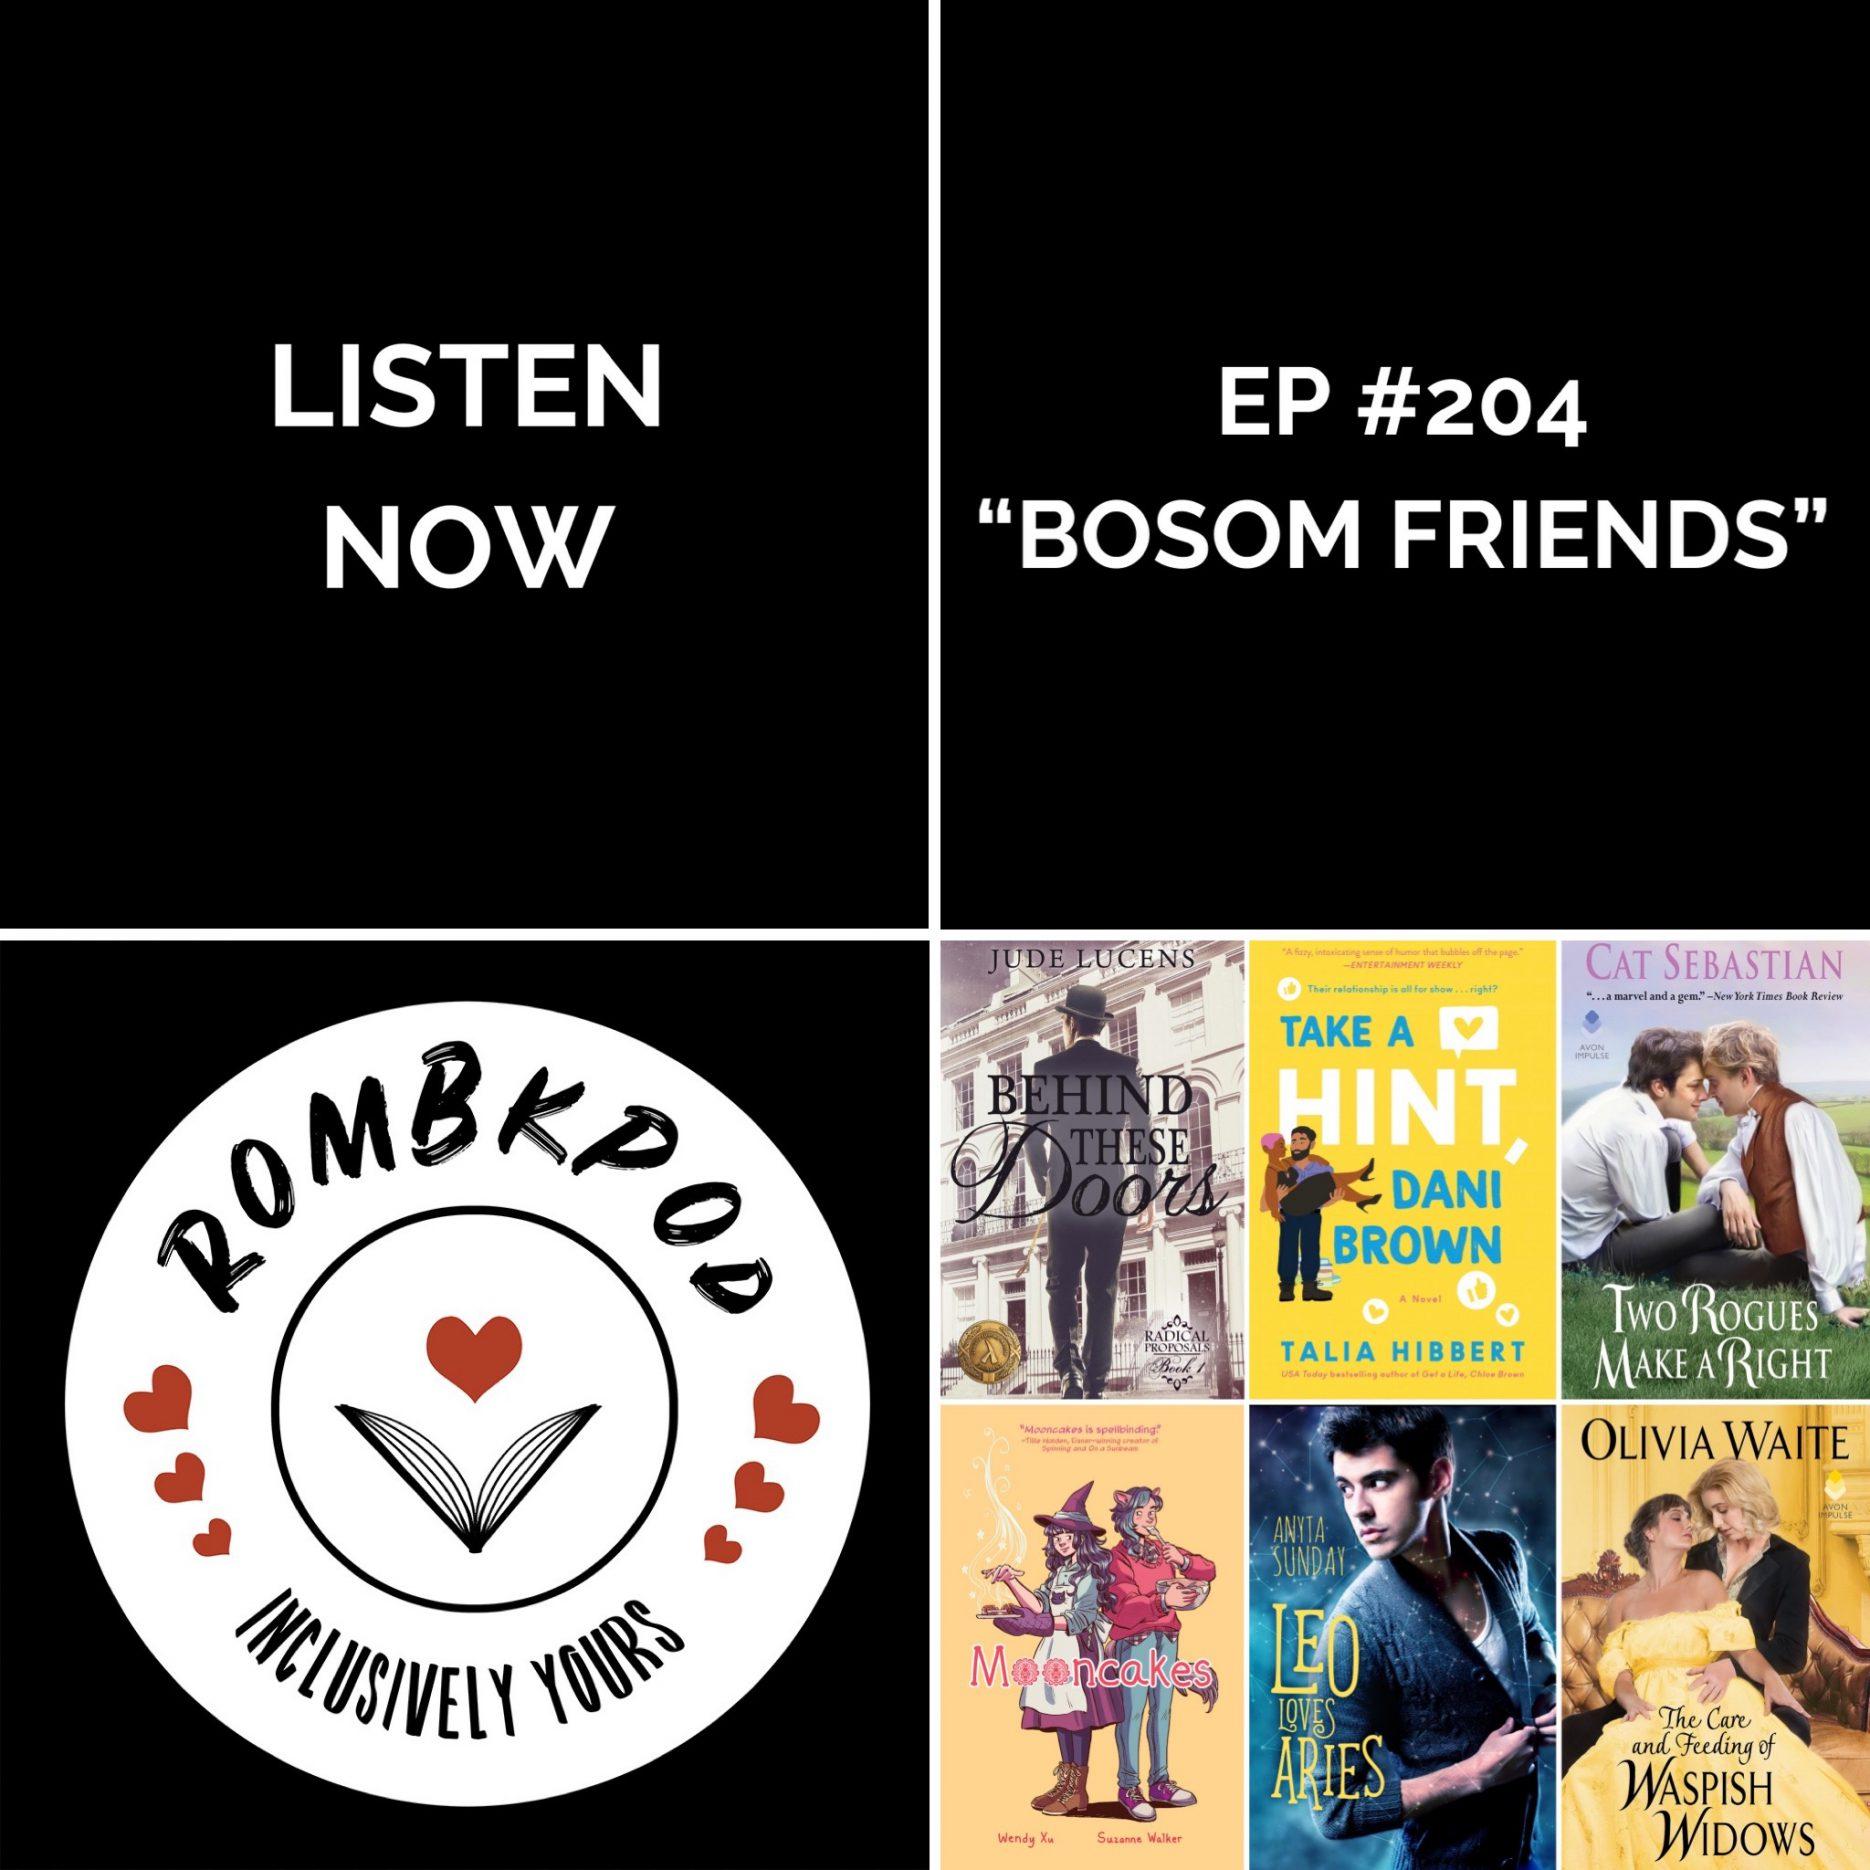 """IMAGE: lower left corner, RomBkPod heart logo; lower right corner, ep #204 cover collage; IMAGE TEXT: Listen Now, ep #204 """"Bosom Friends"""""""